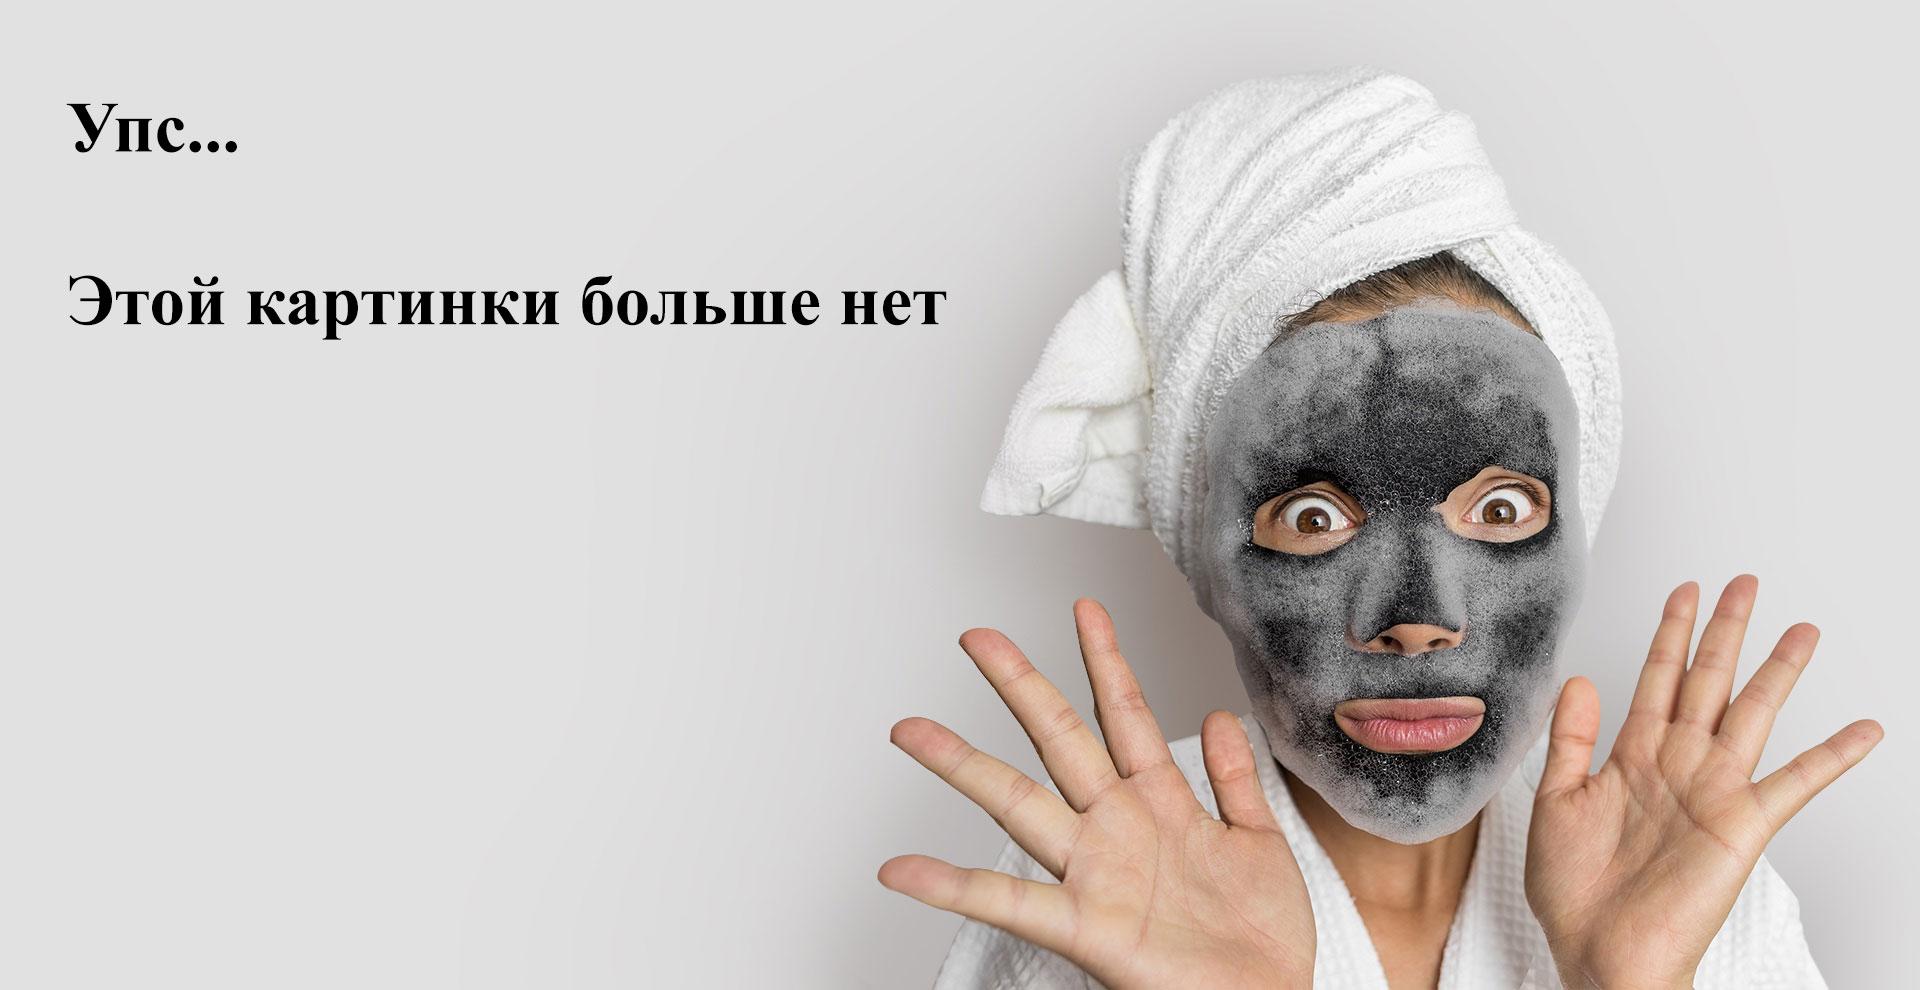 Нolika Holika, Универсальный несмываемый гель Алоэ 99%, 55 мл